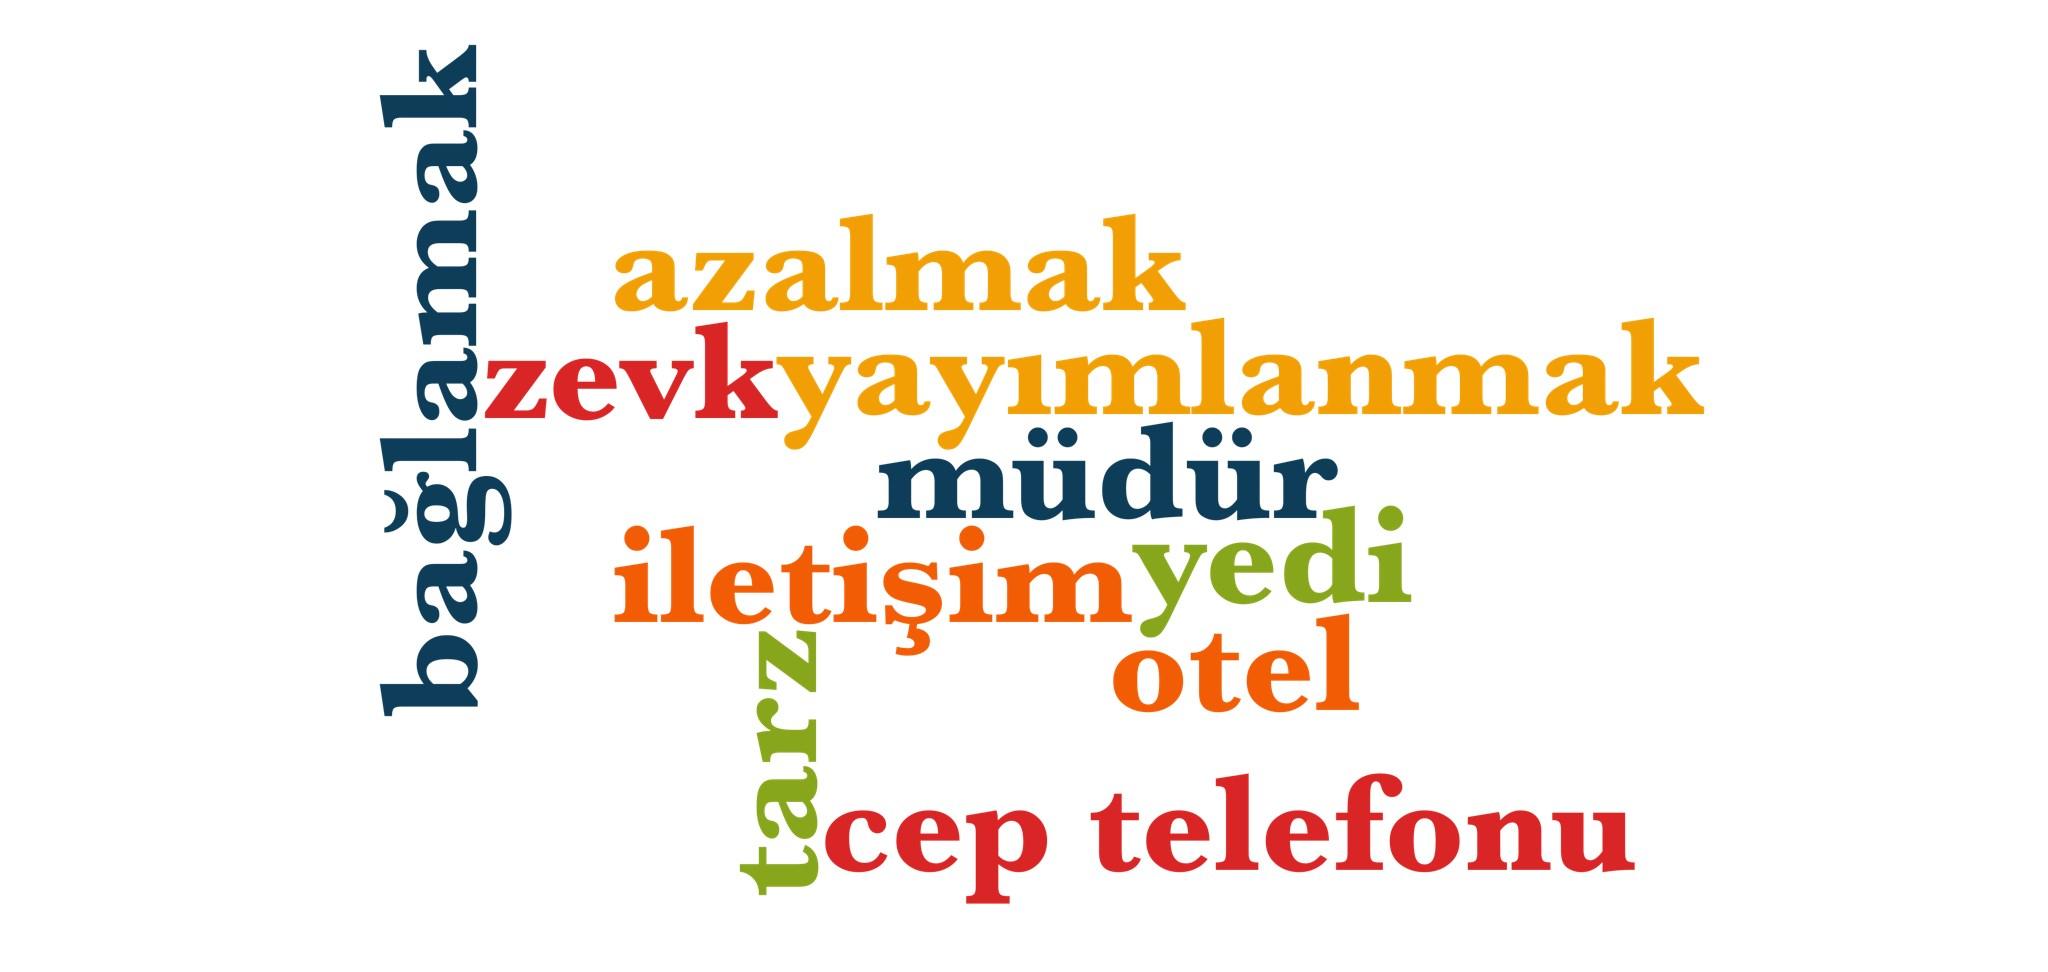 Wörter 891 bis 900 der 1000 häufigsten Wörter der türkischen Sprache